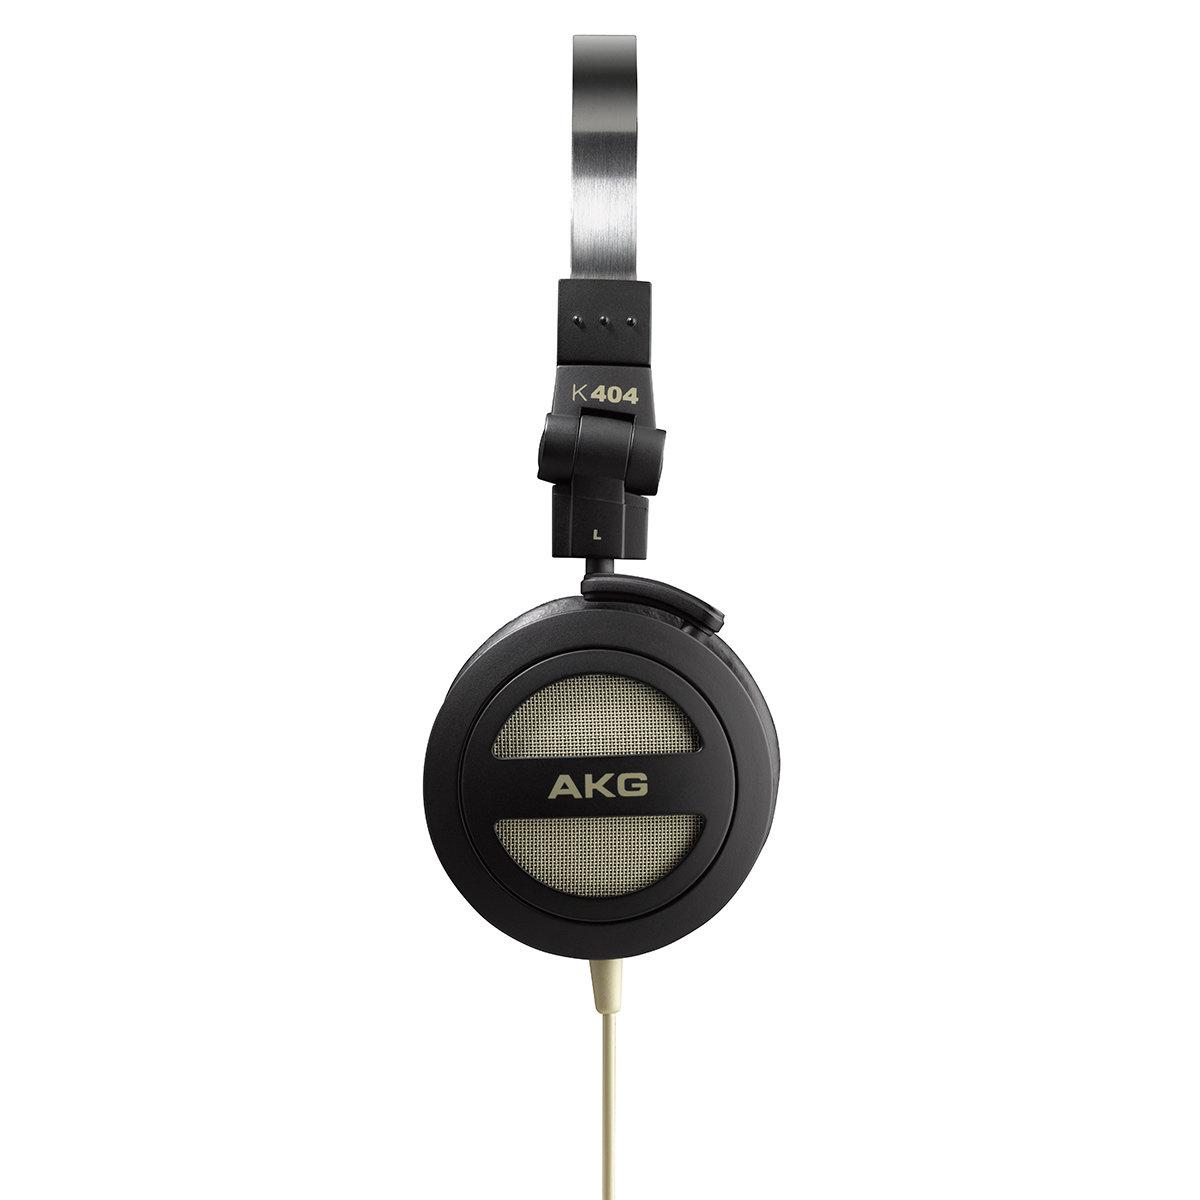 Fone de Ouvido K404 (Pode ser totalmente Dobrado) - AKG